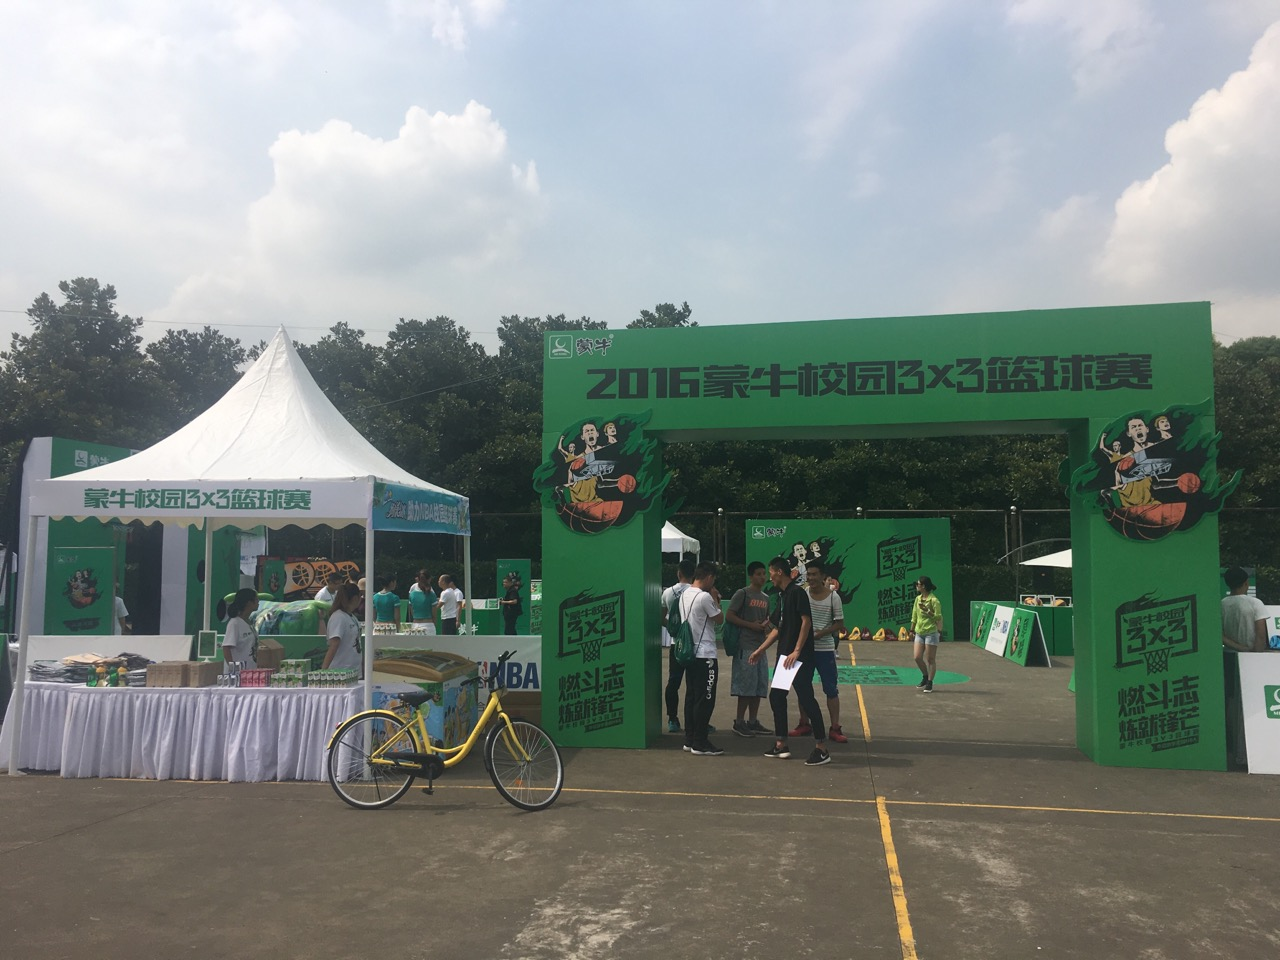 校果-上海大学西区户外篮球场场地租赁租借